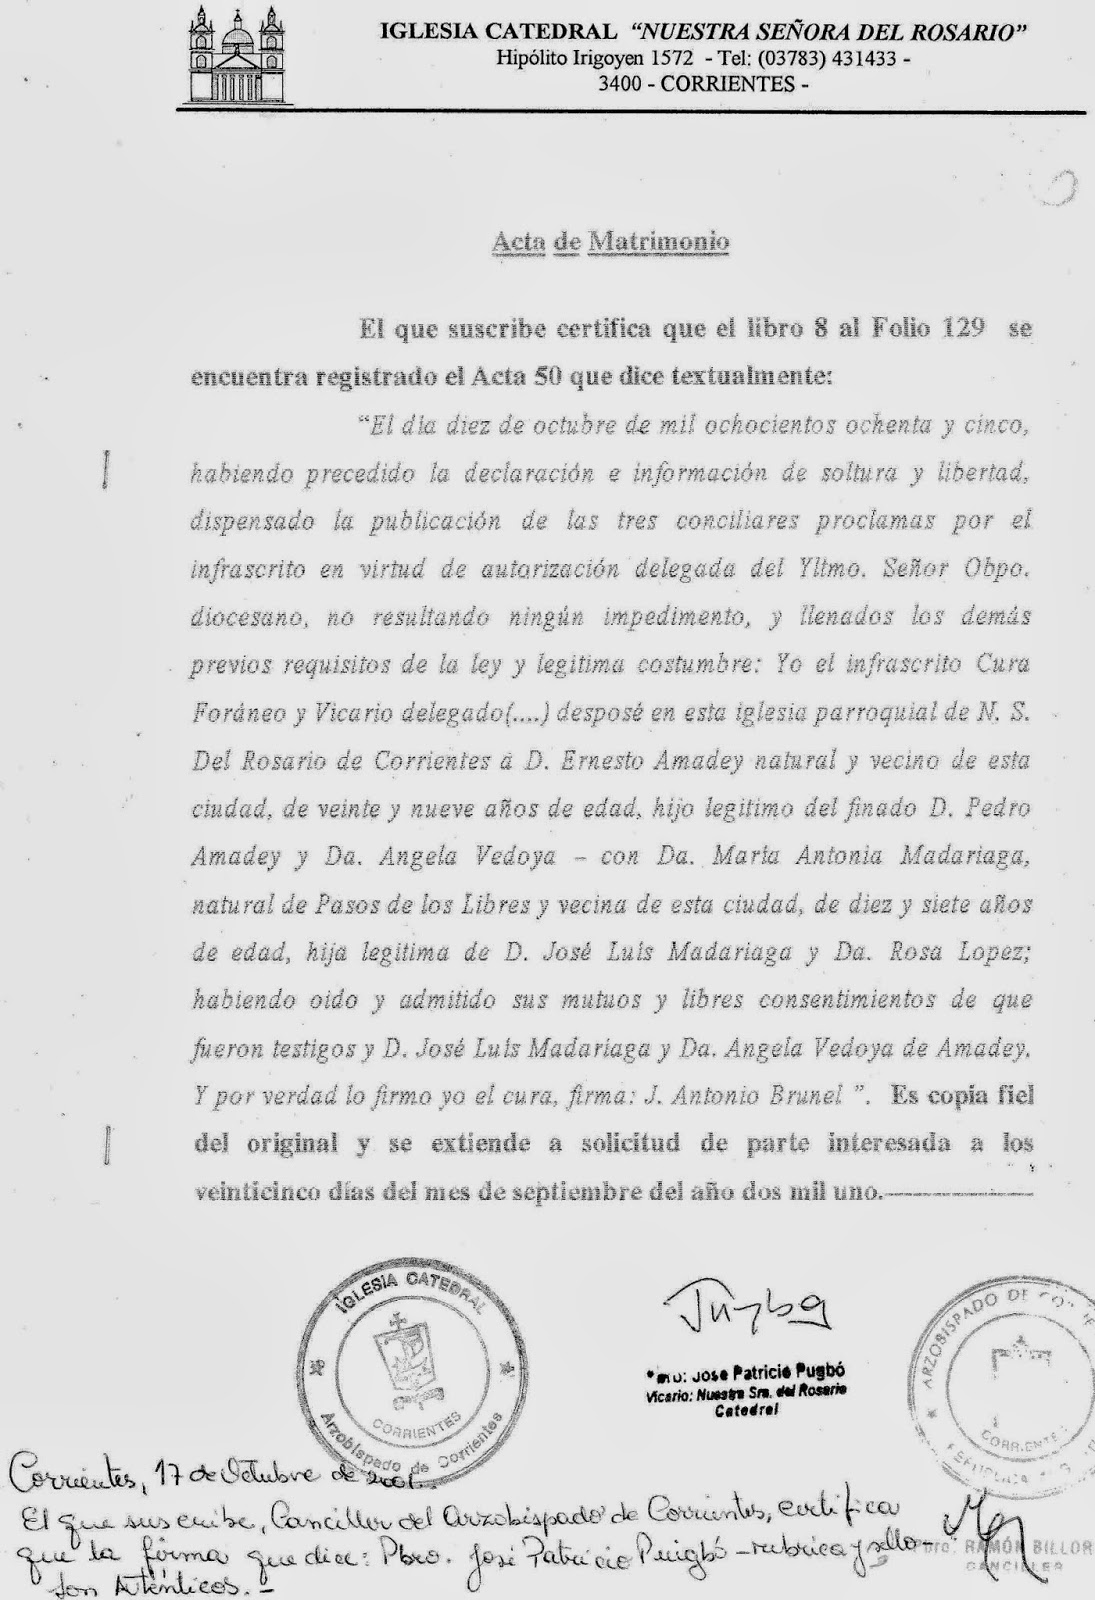 Gobernador don jose luis madariaga octubre 2013 for Acta familiar